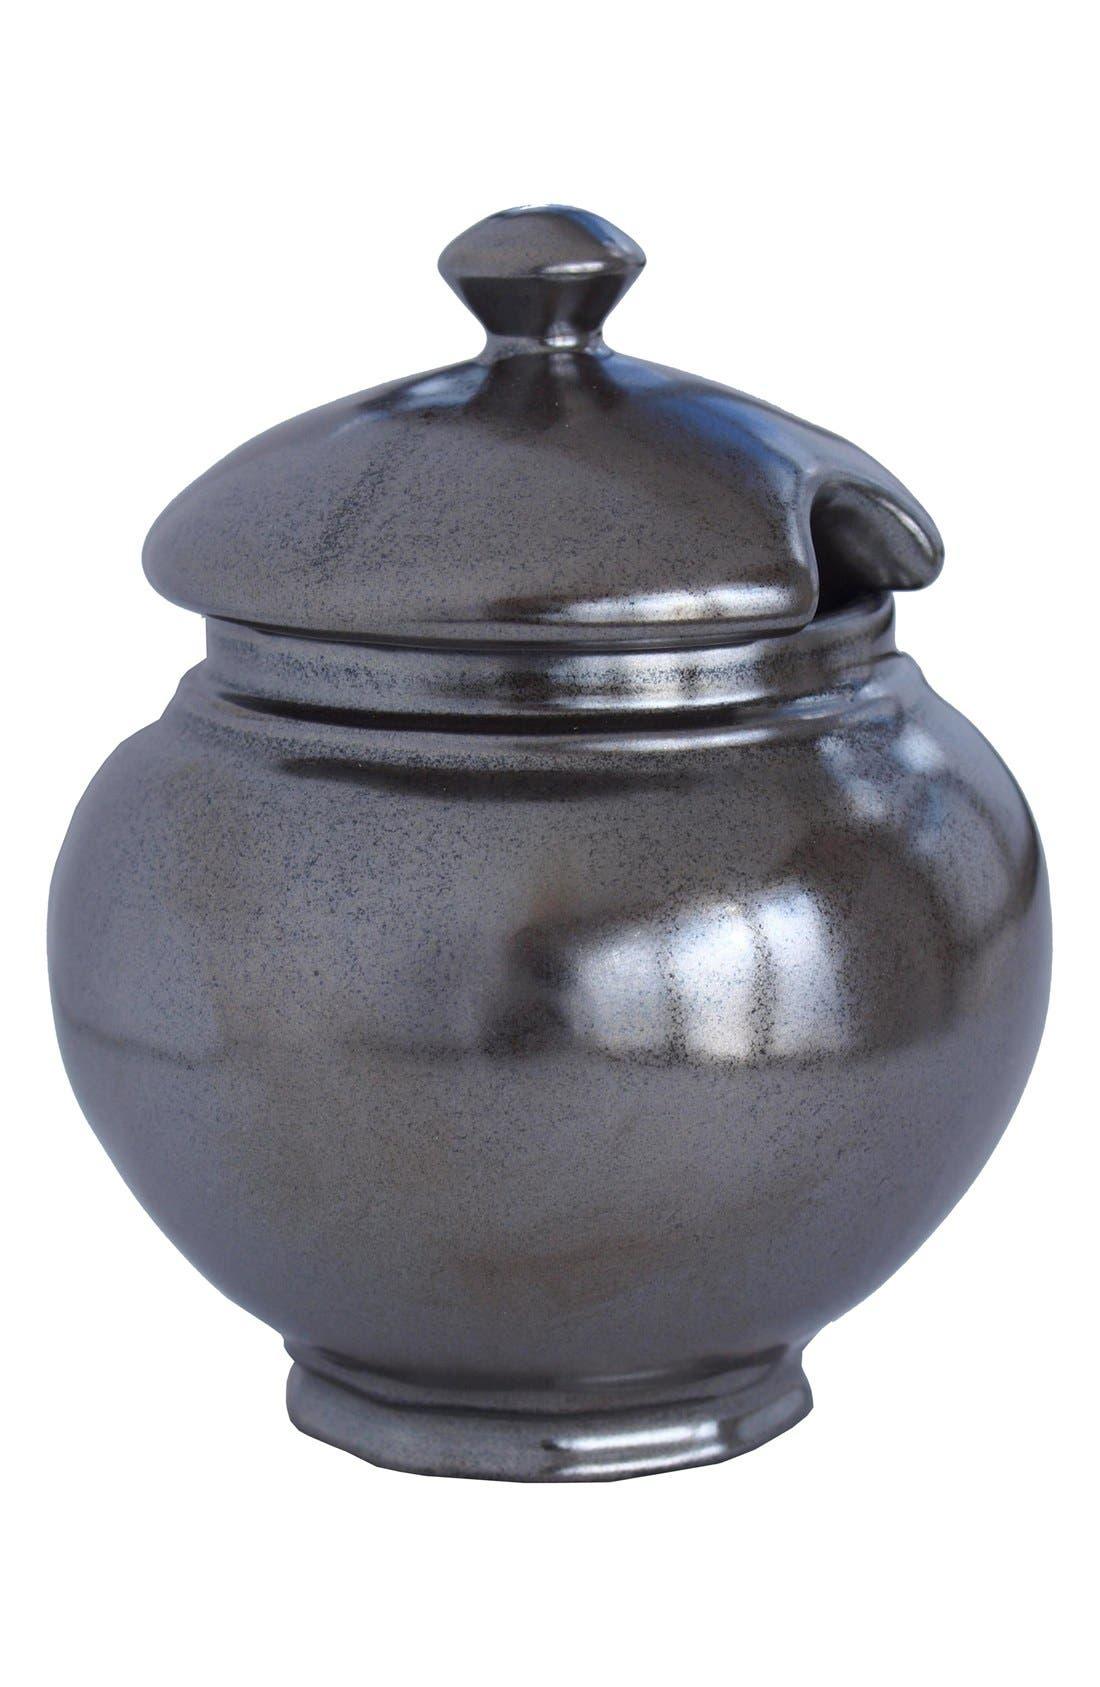 Juliska'Pewter' Stoneware Sugar Bowl